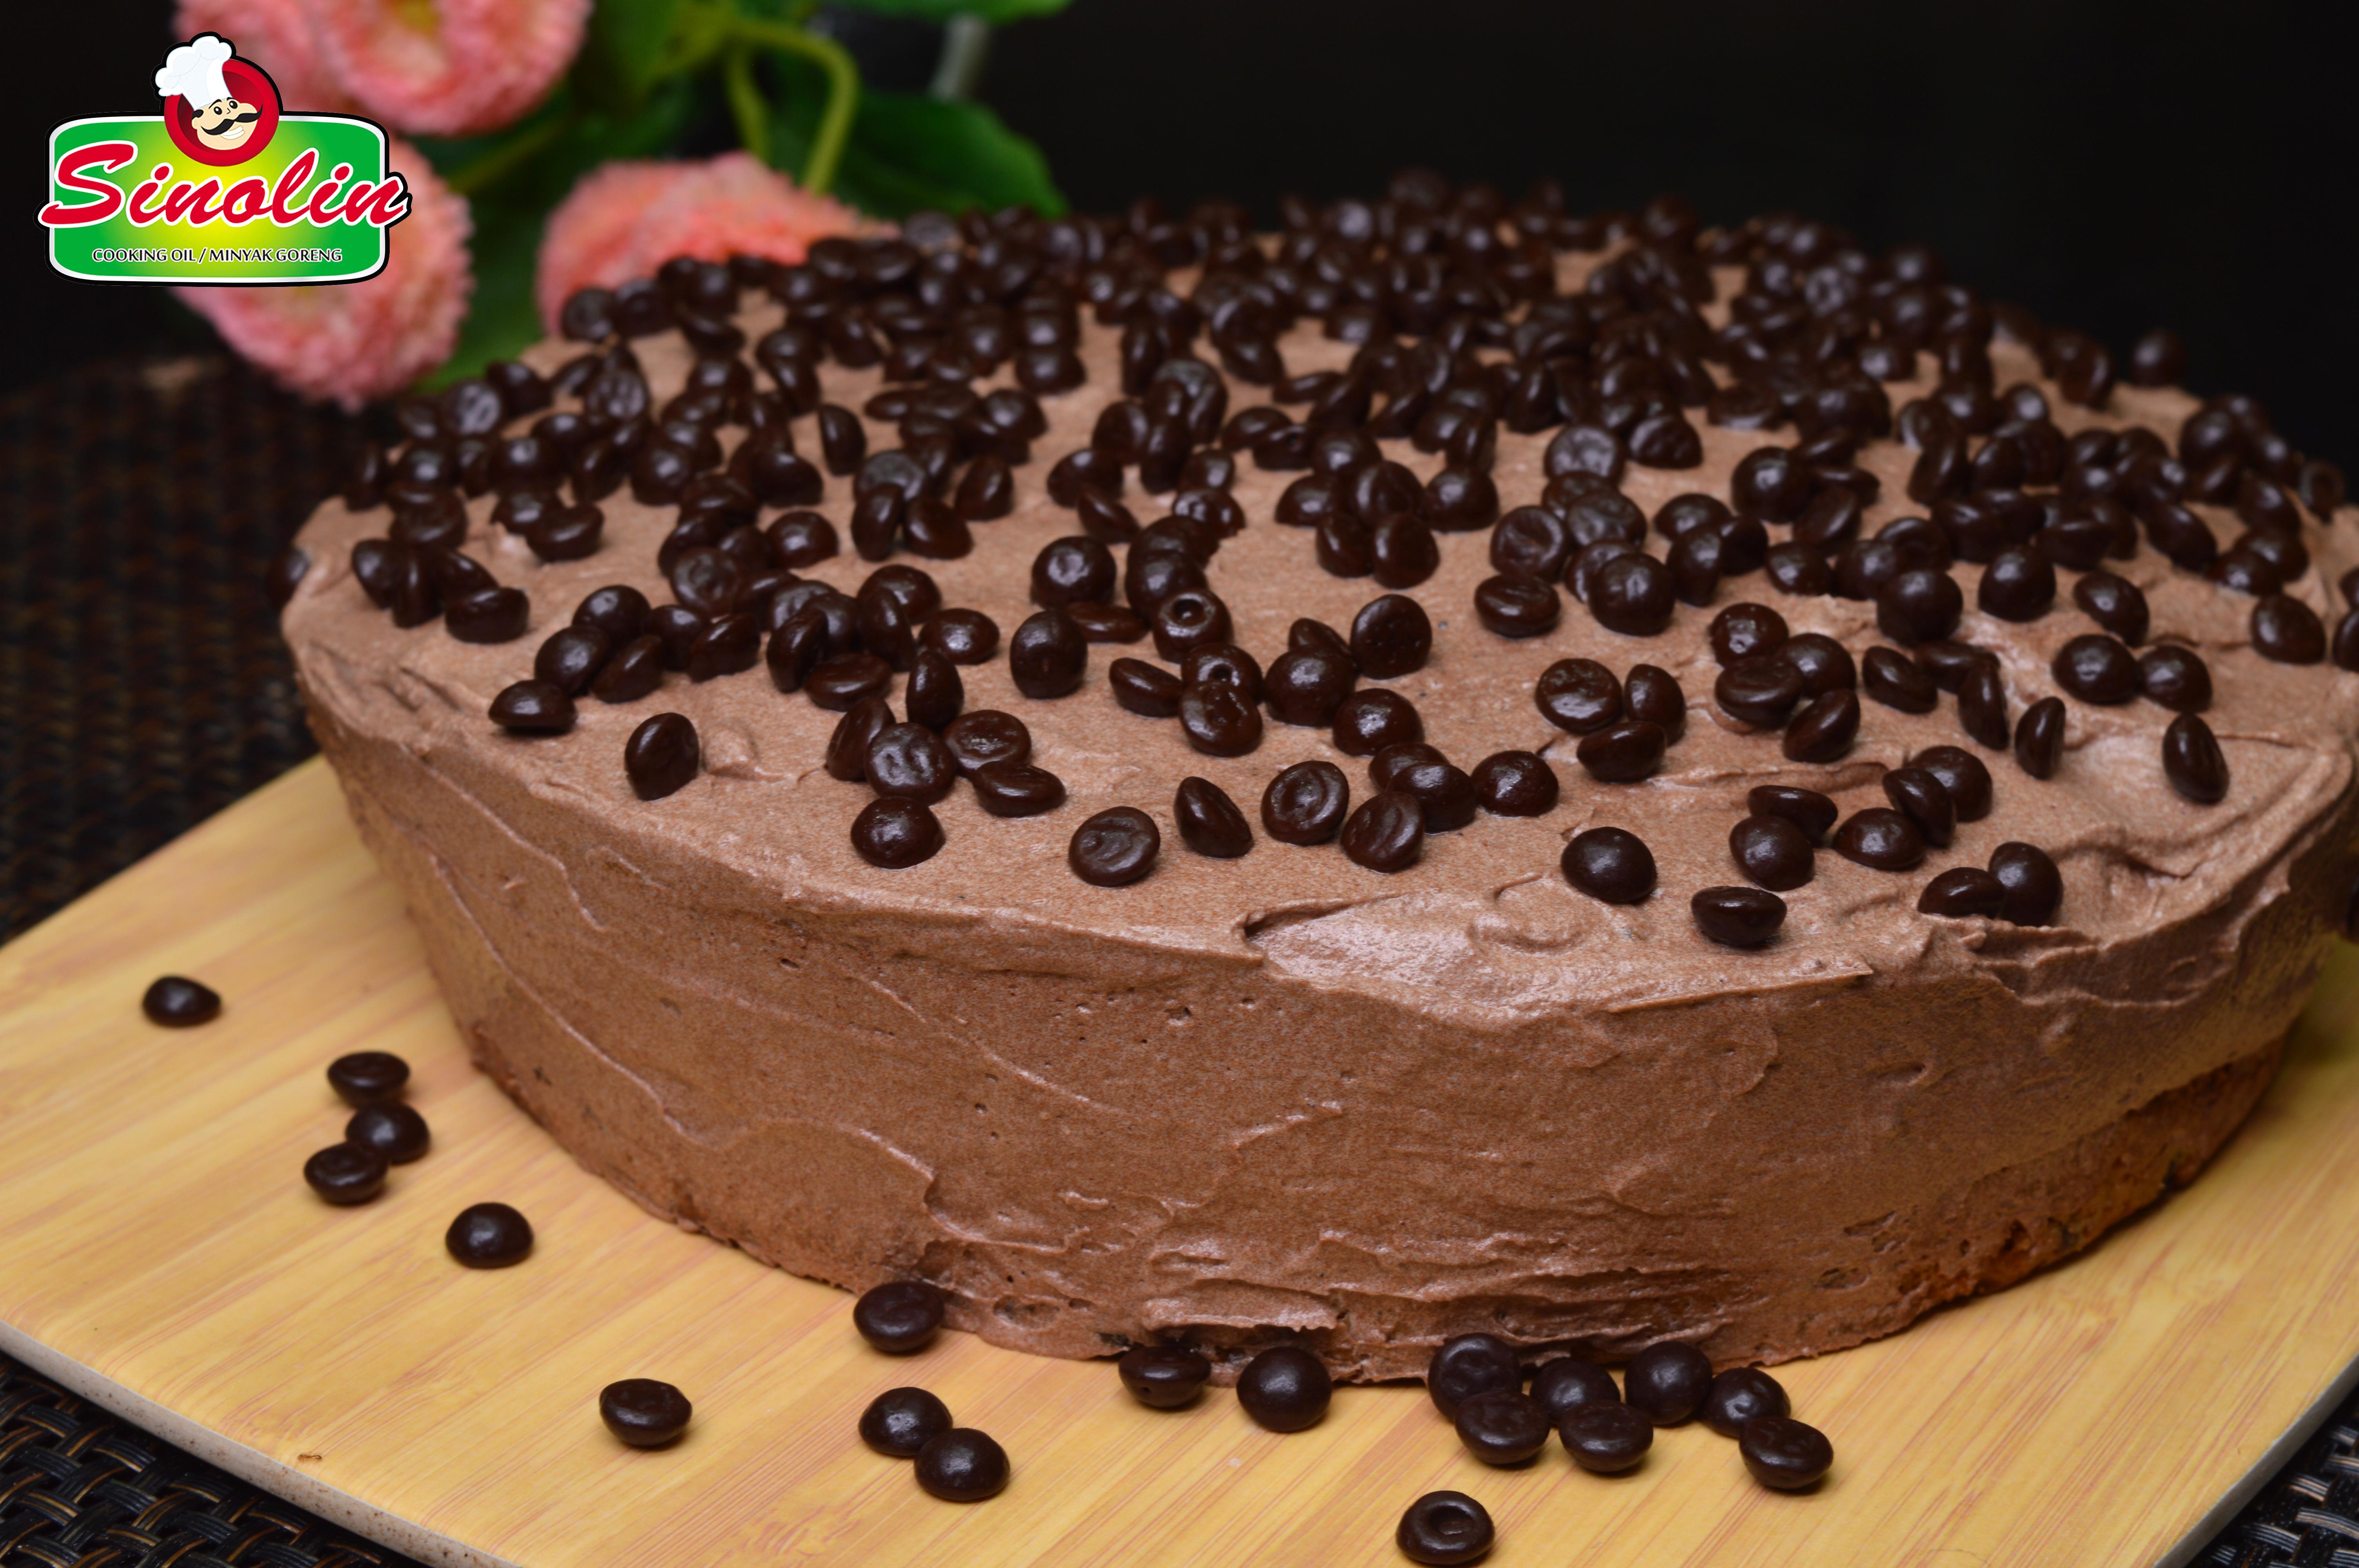 Kue Lapisan Coklat Oleh Dapur Sinolin